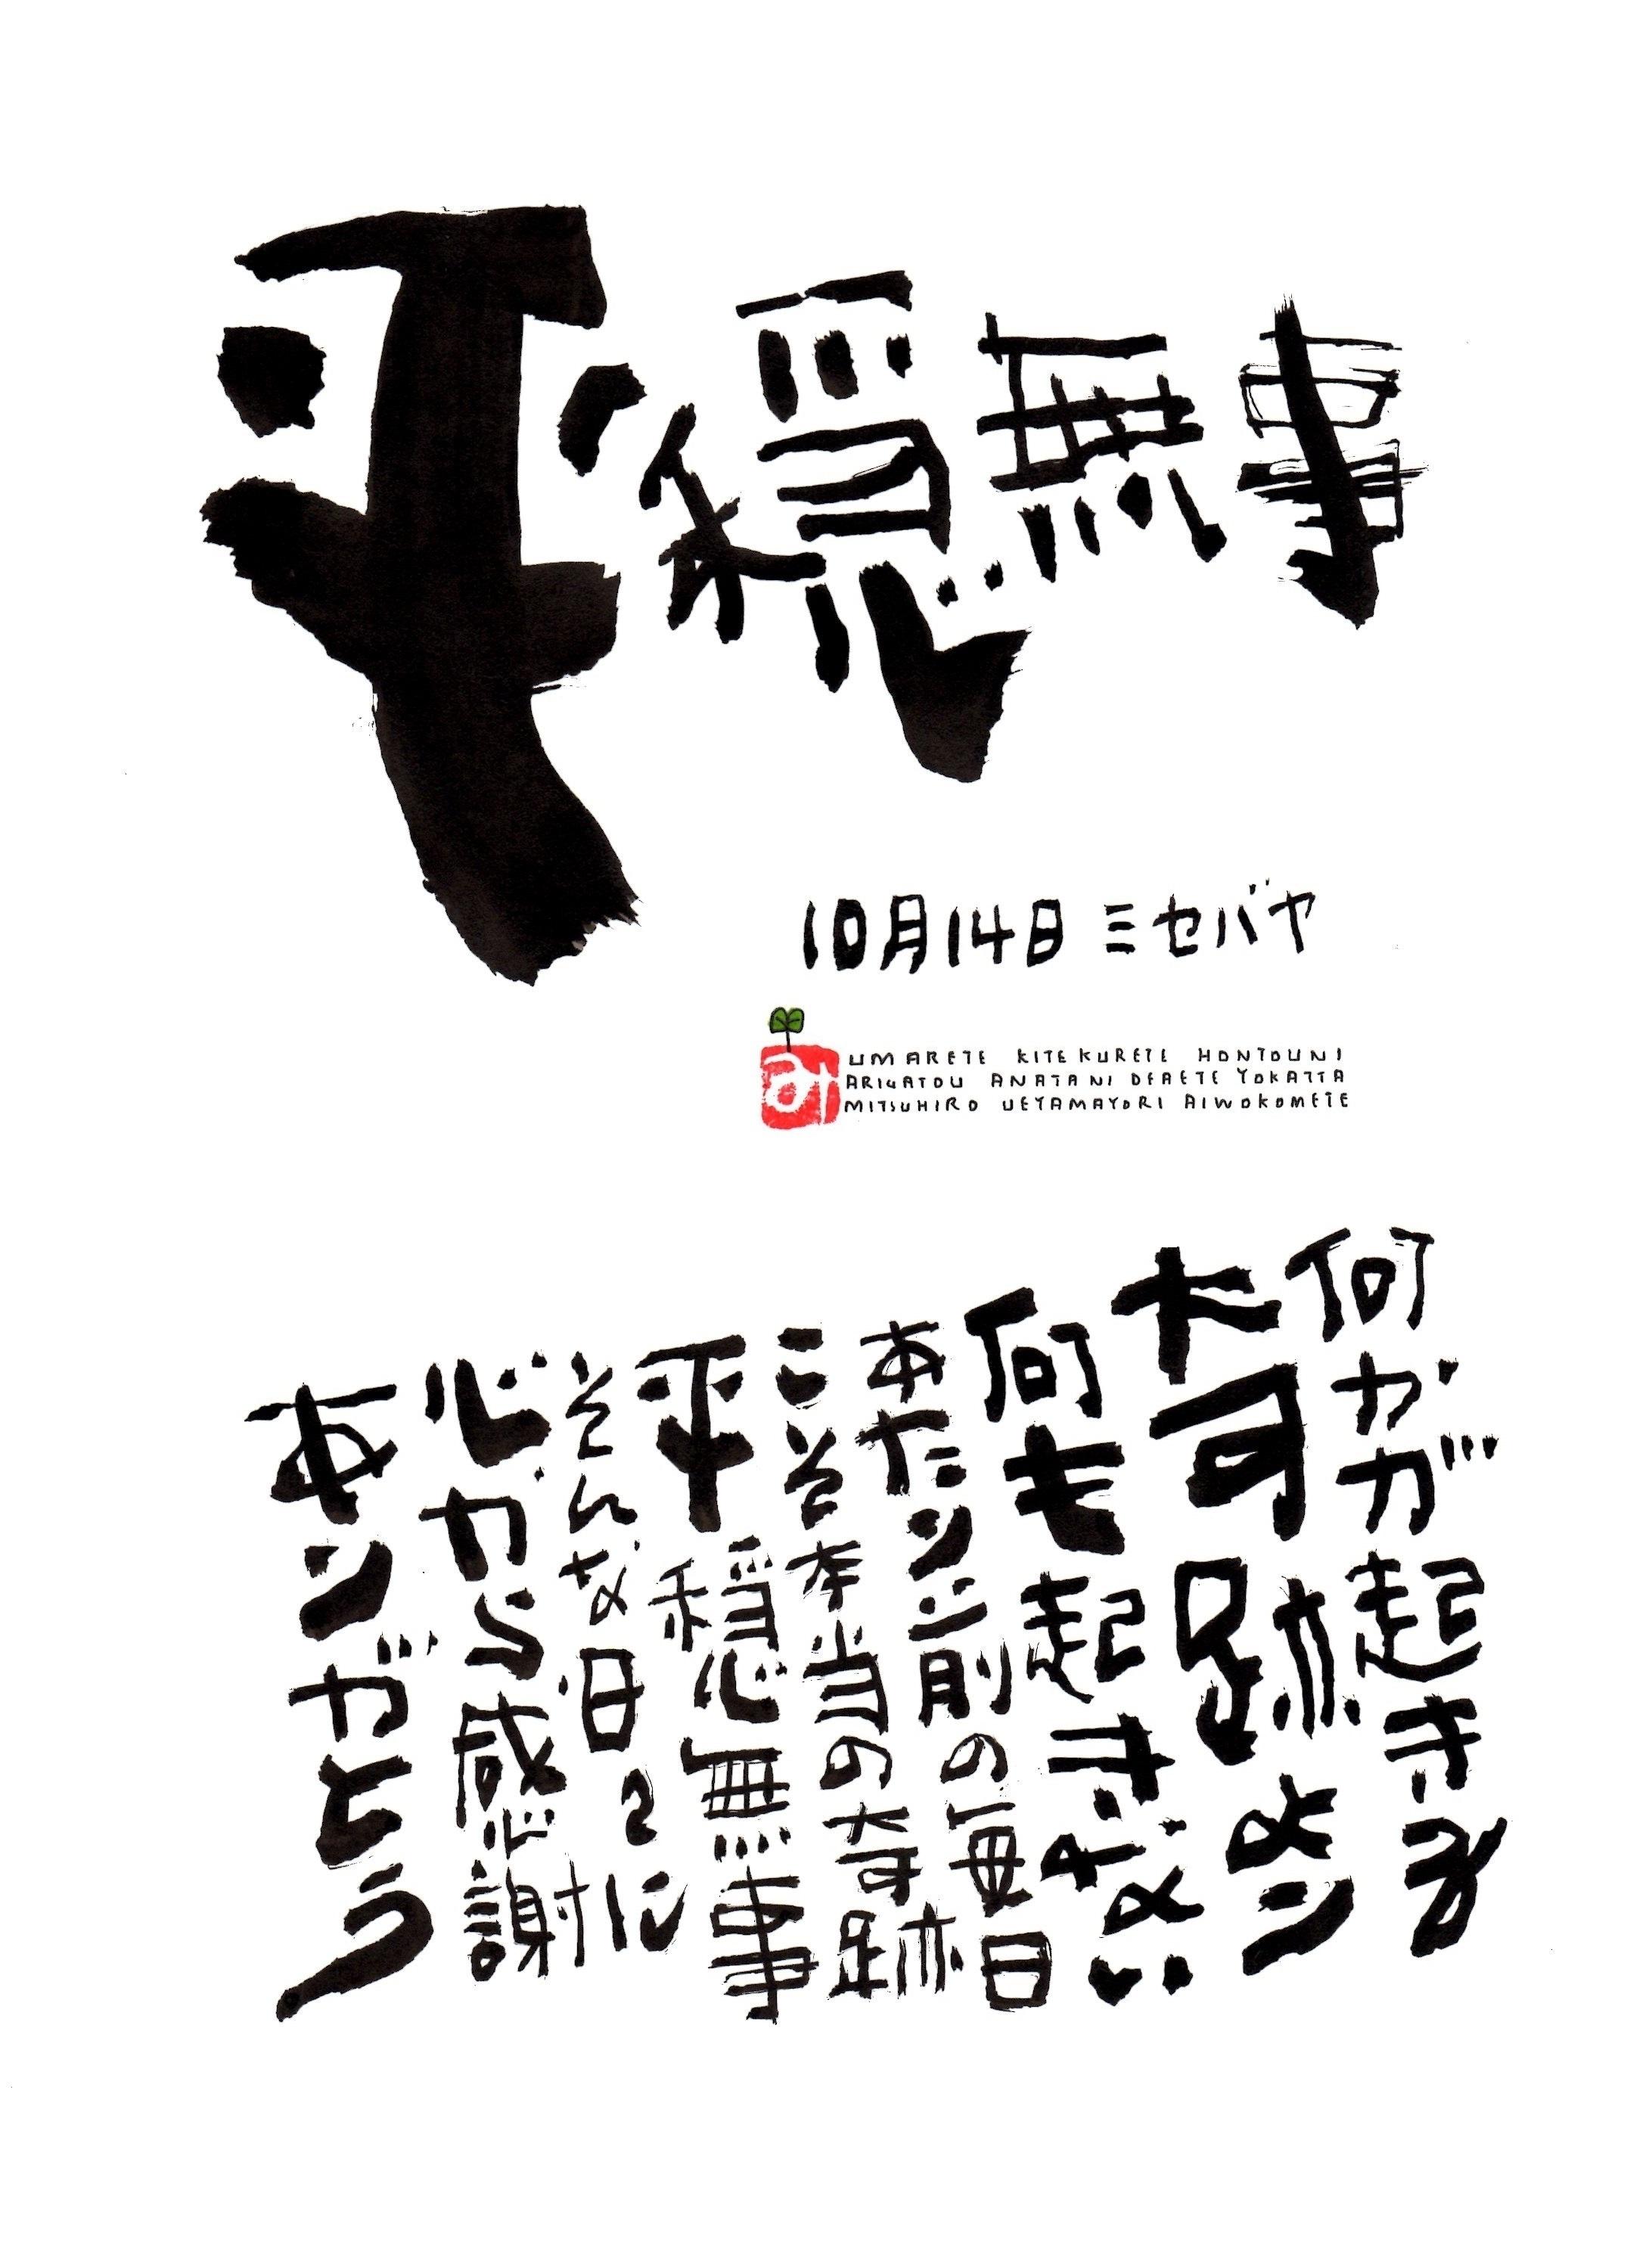 10月14日 誕生日ポストカード【平穏無事】Peace of mind